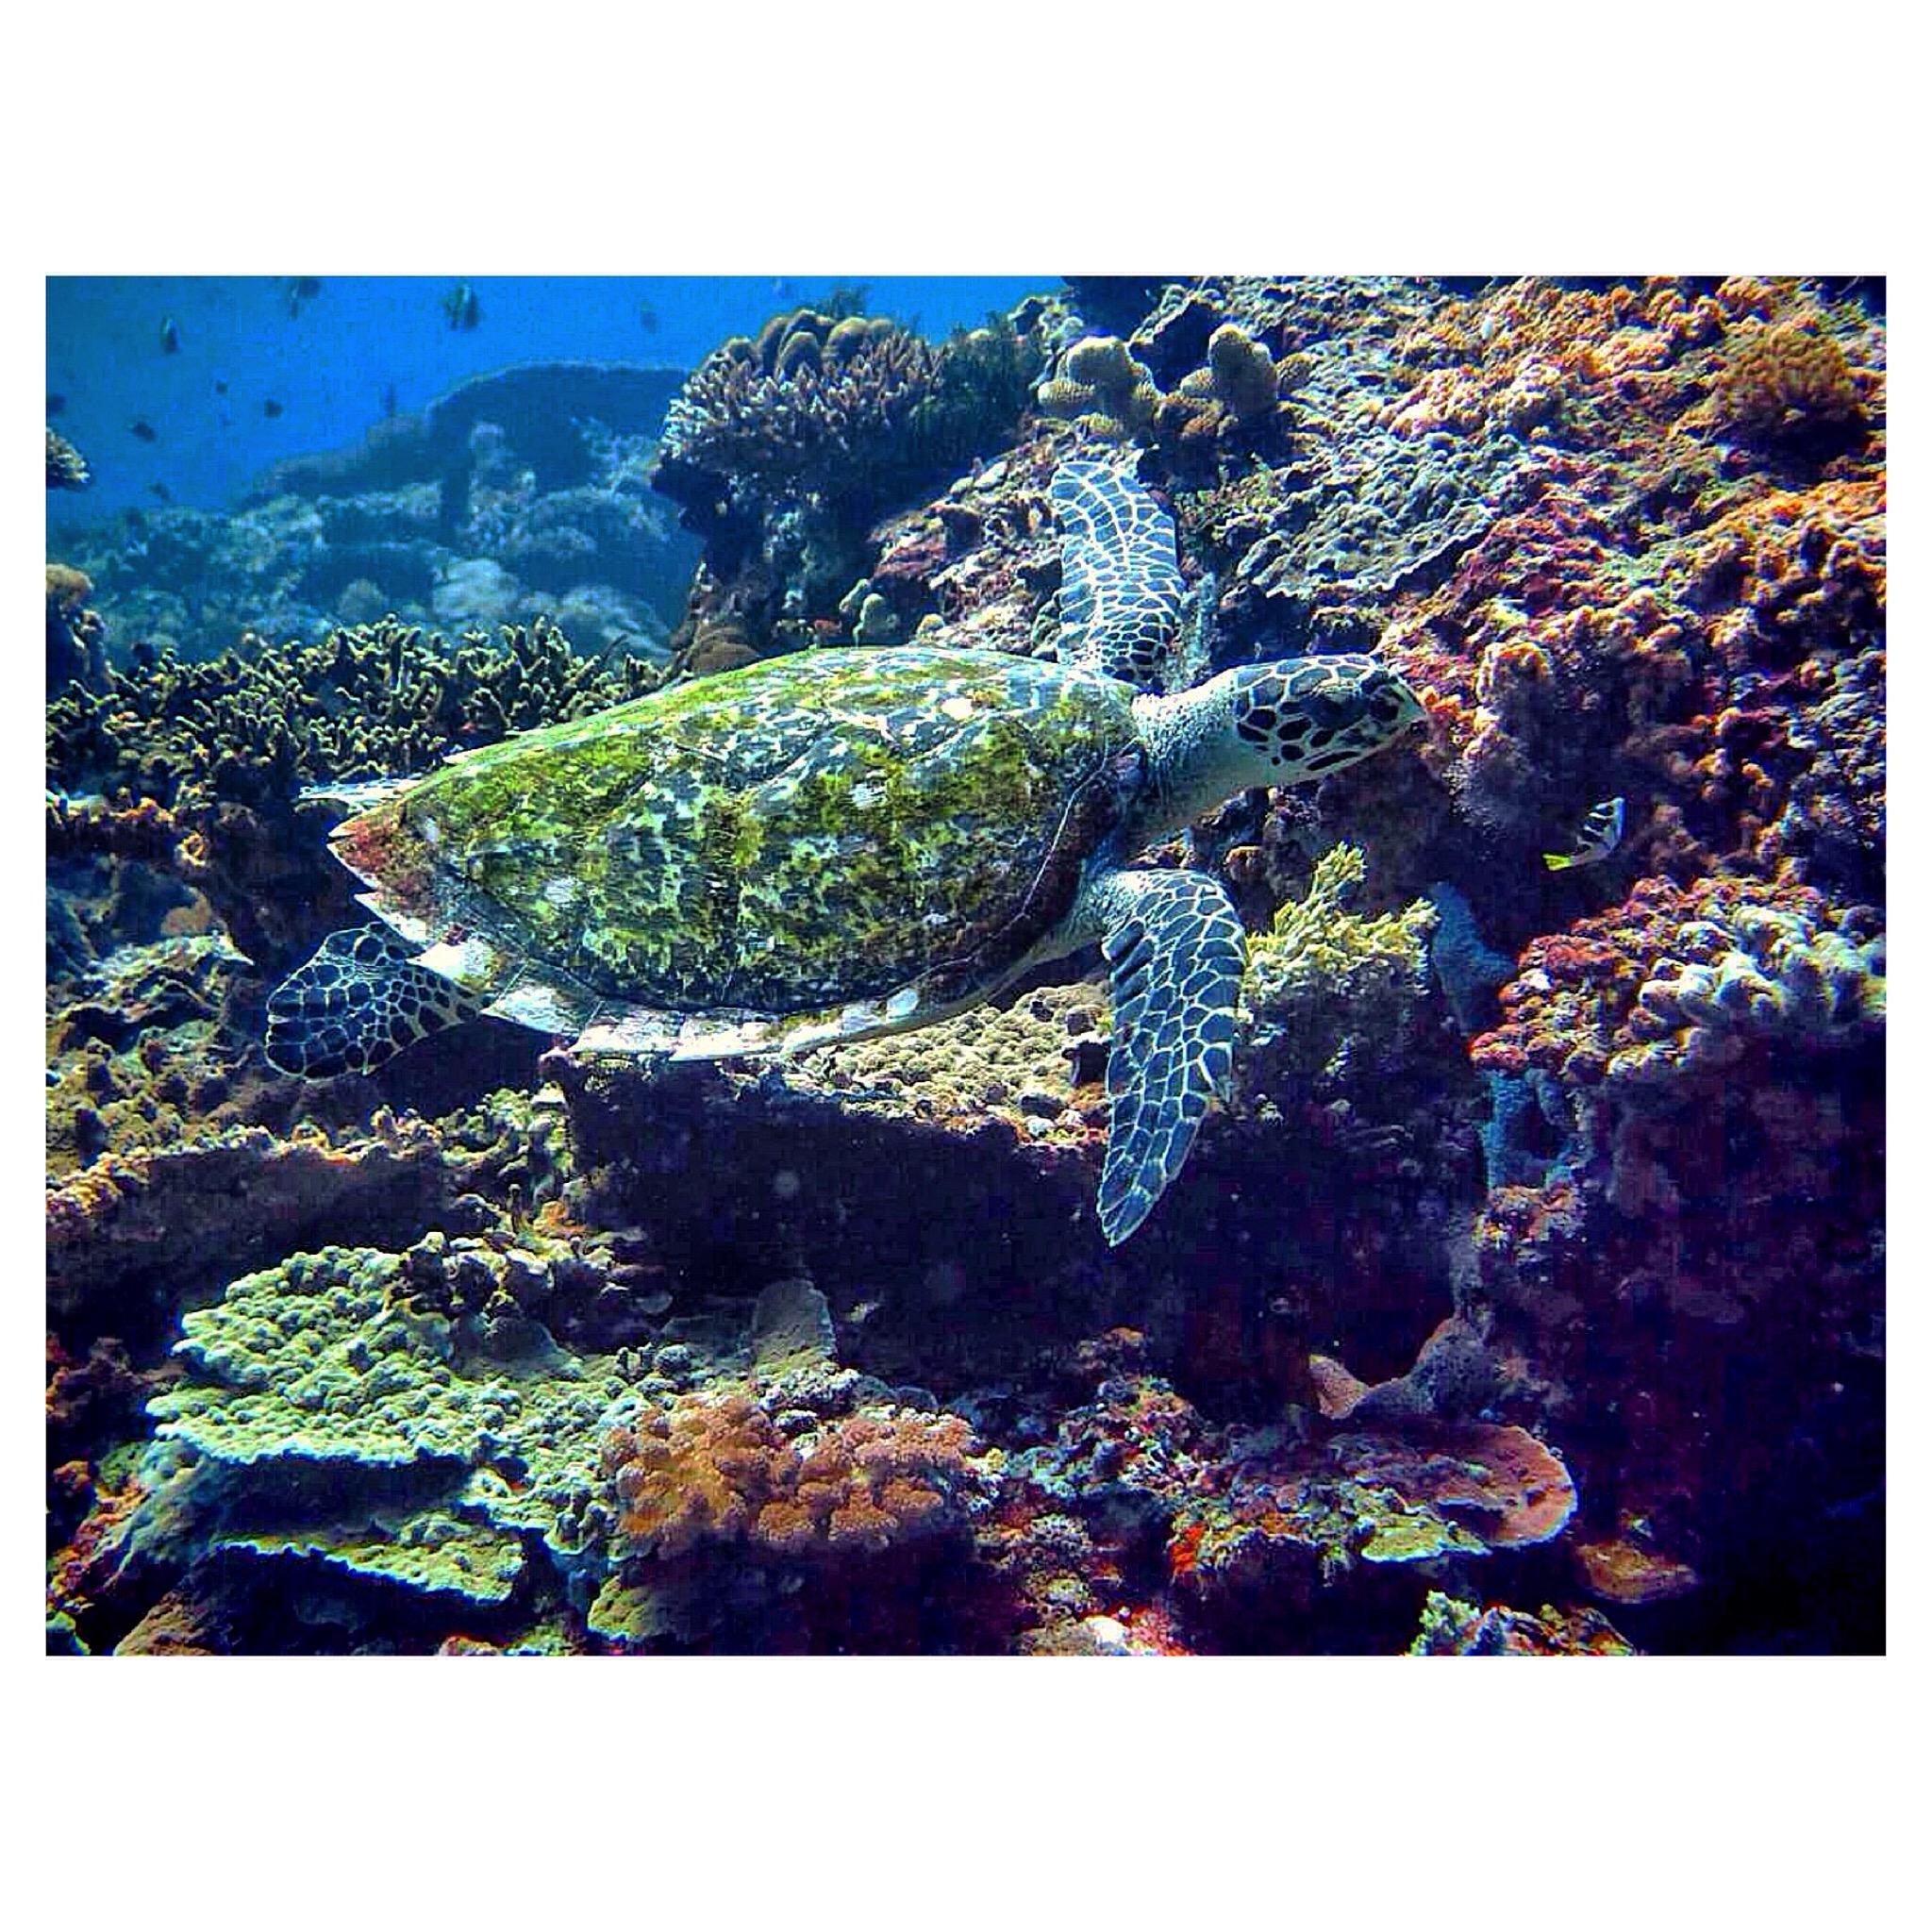 graet place great dive